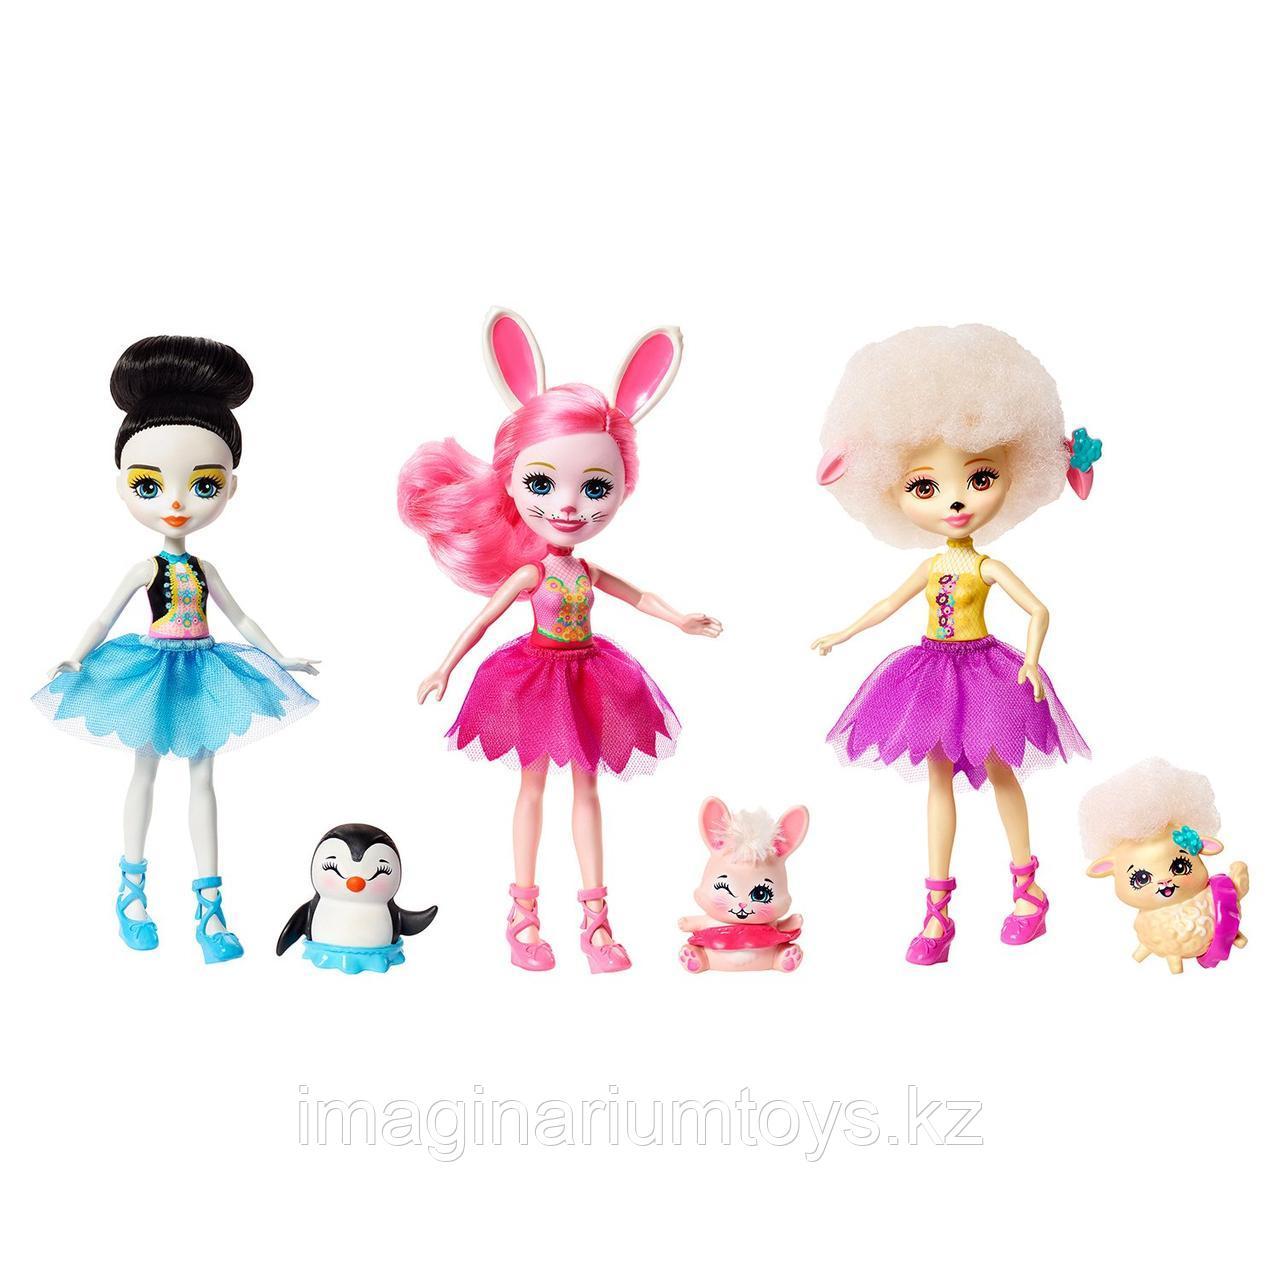 """Набор """"Энчантималс"""" из трех кукол """"Волшебные балерины"""